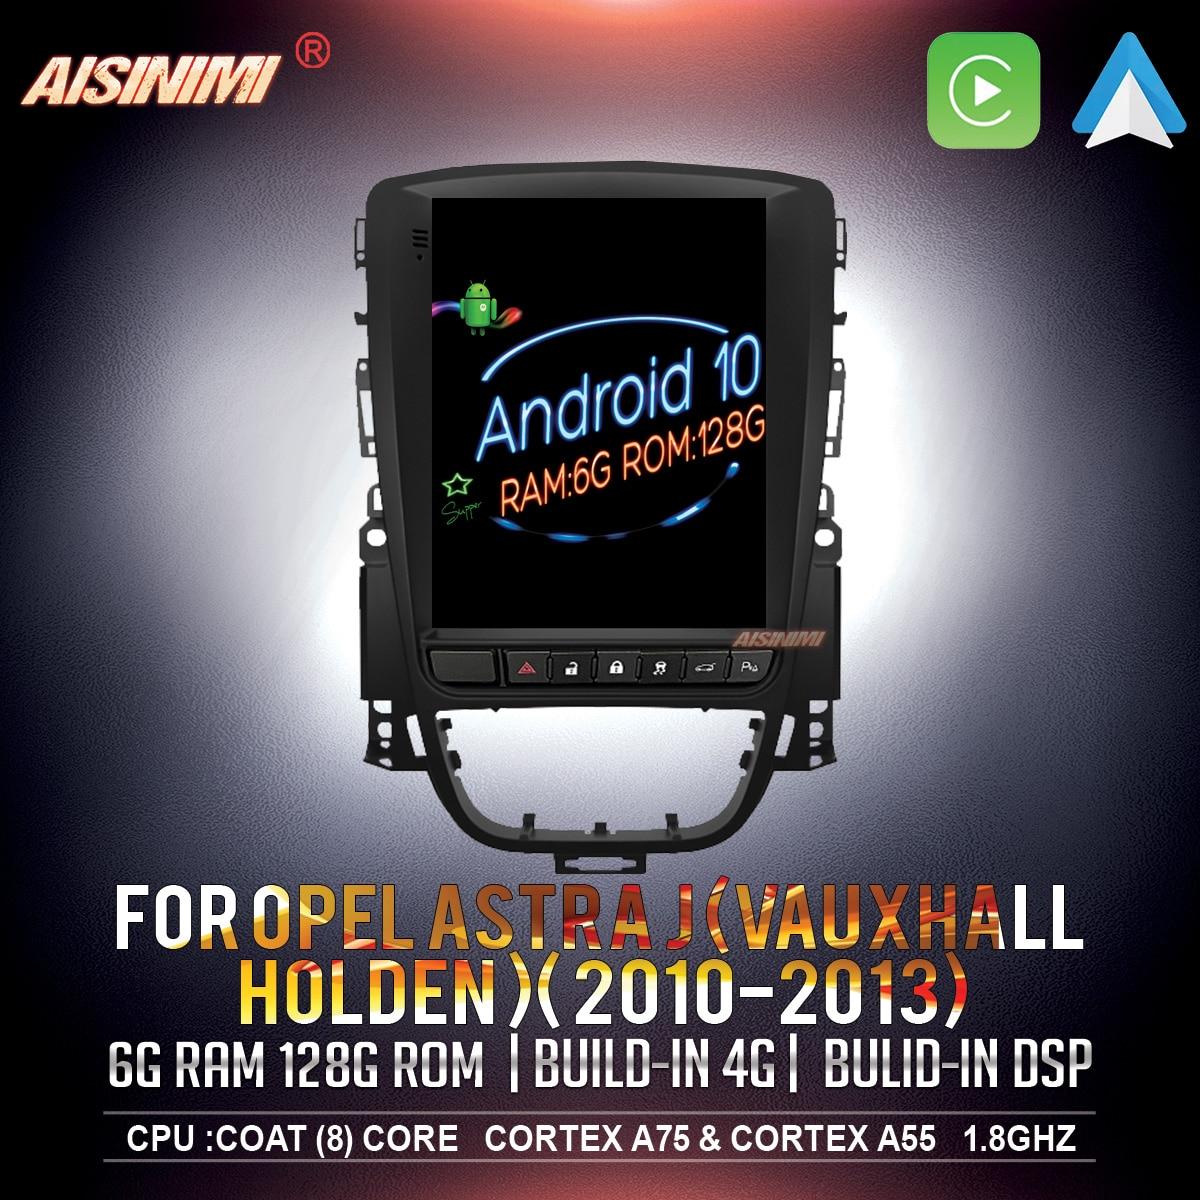 Leitor de dvd do carro de aisinimi android 10 para opel astra j vauxhall holden 2010-2013 de áudio para o monitor estéreo lmultimedia do estilo de tesla